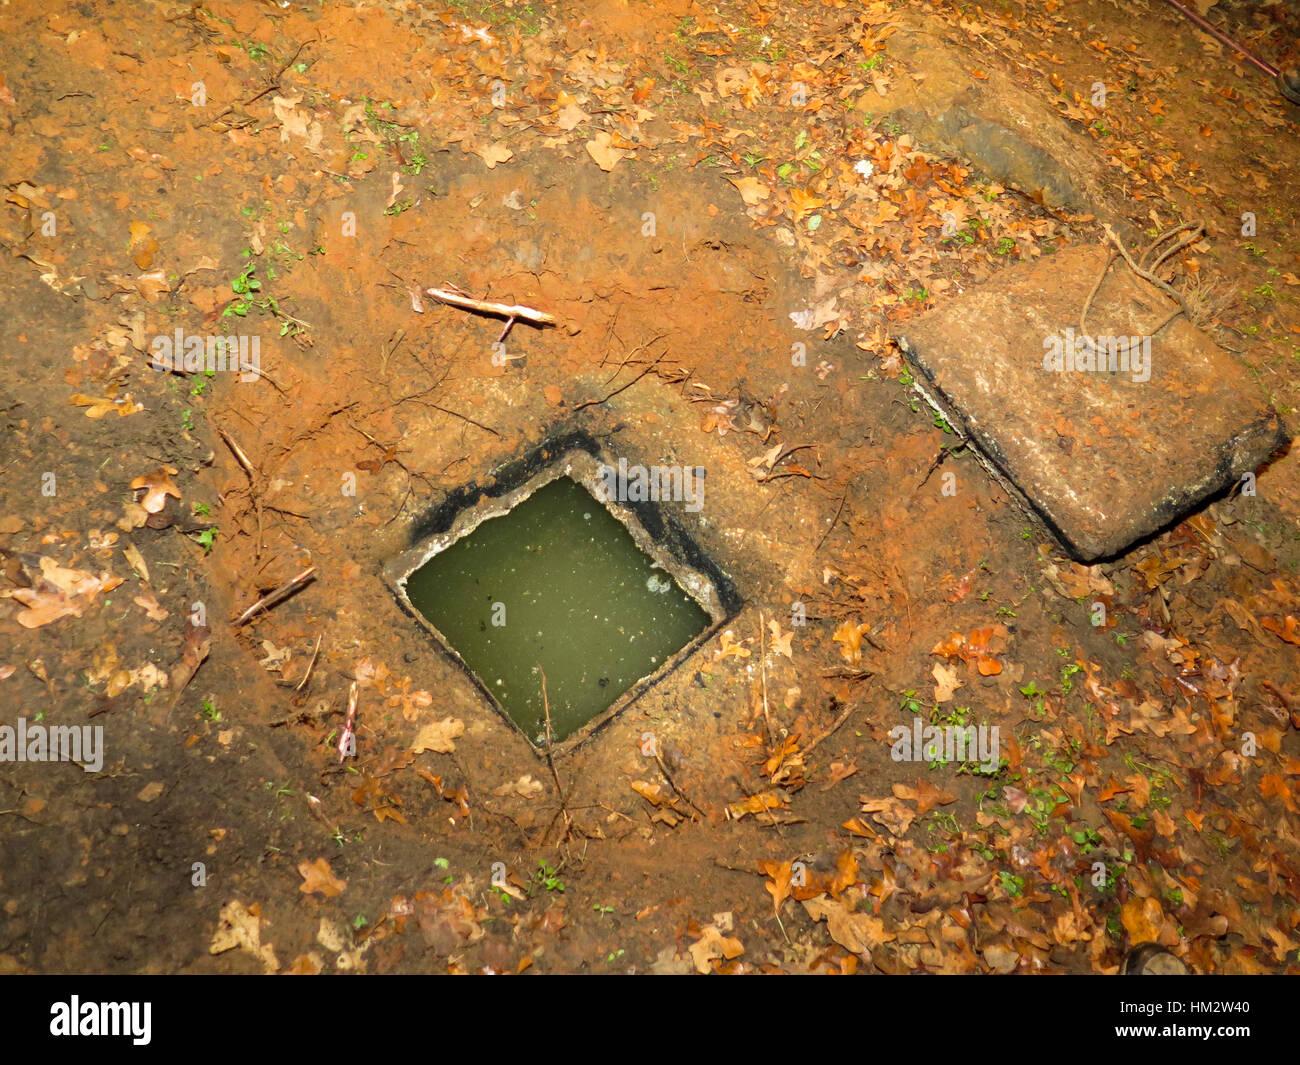 Septic Tank Stock Photos & Septic Tank Stock Images - Alamy